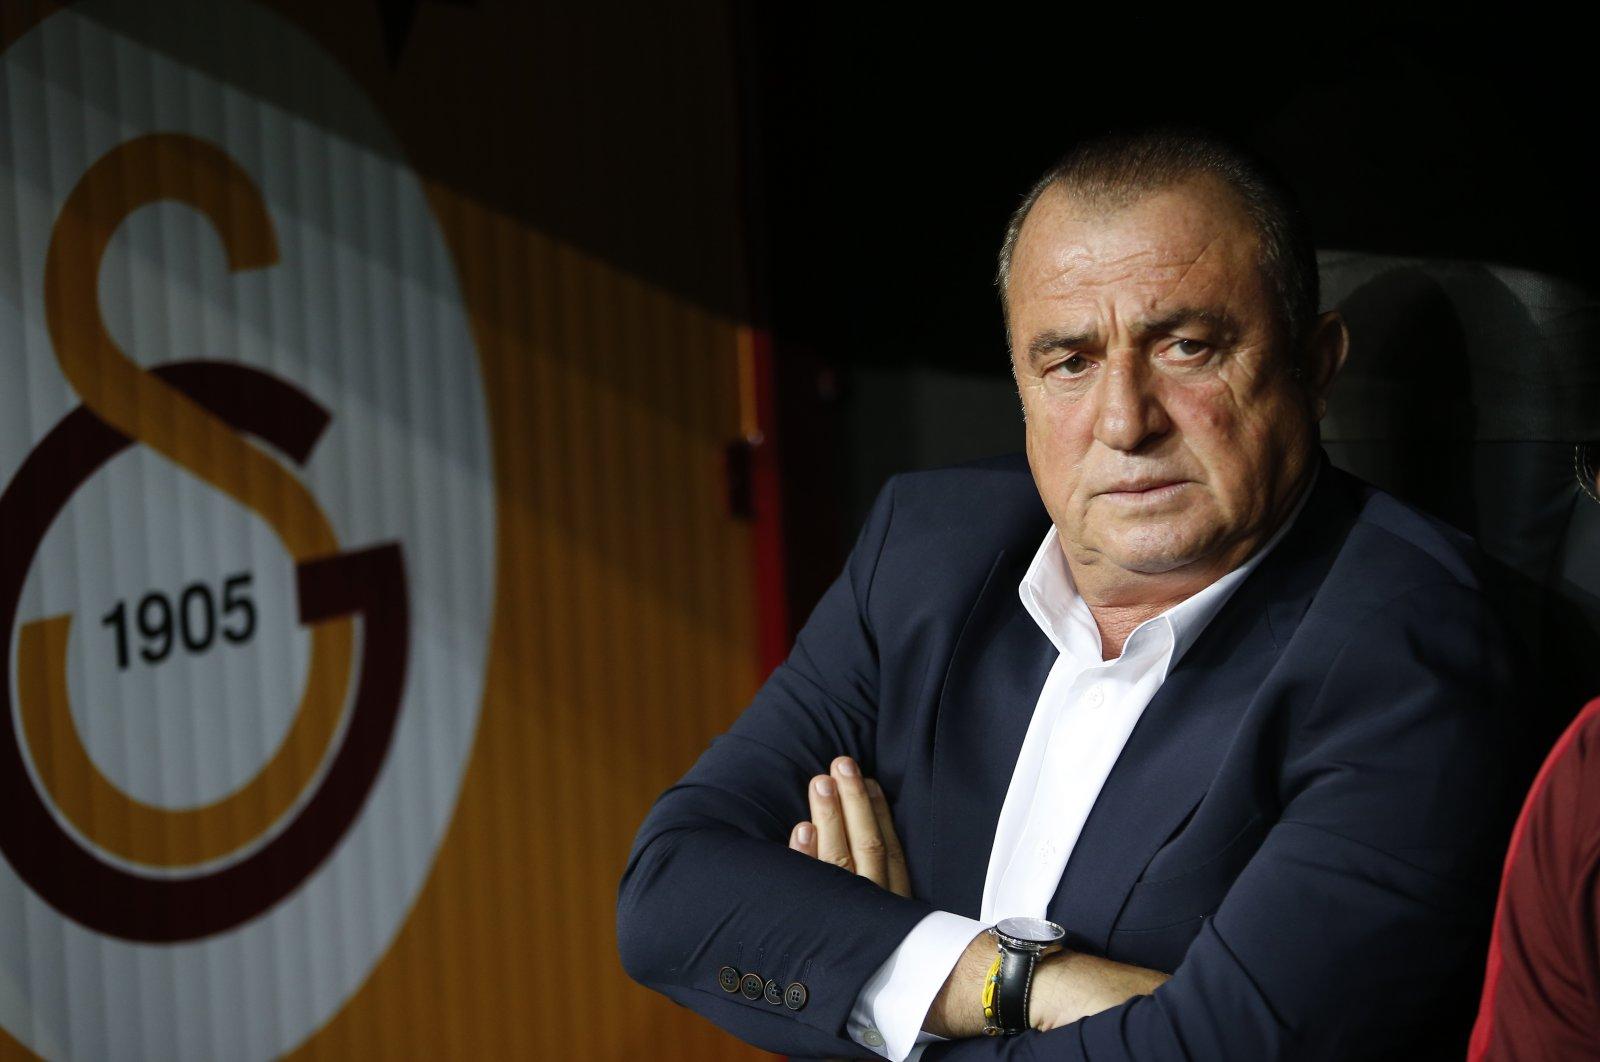 Galatasaray'da Rizespor yenilgisi taşları yerinden oynatacak! Fatih Terim sistemi sil baştan yapacak! İşte senaryolar...